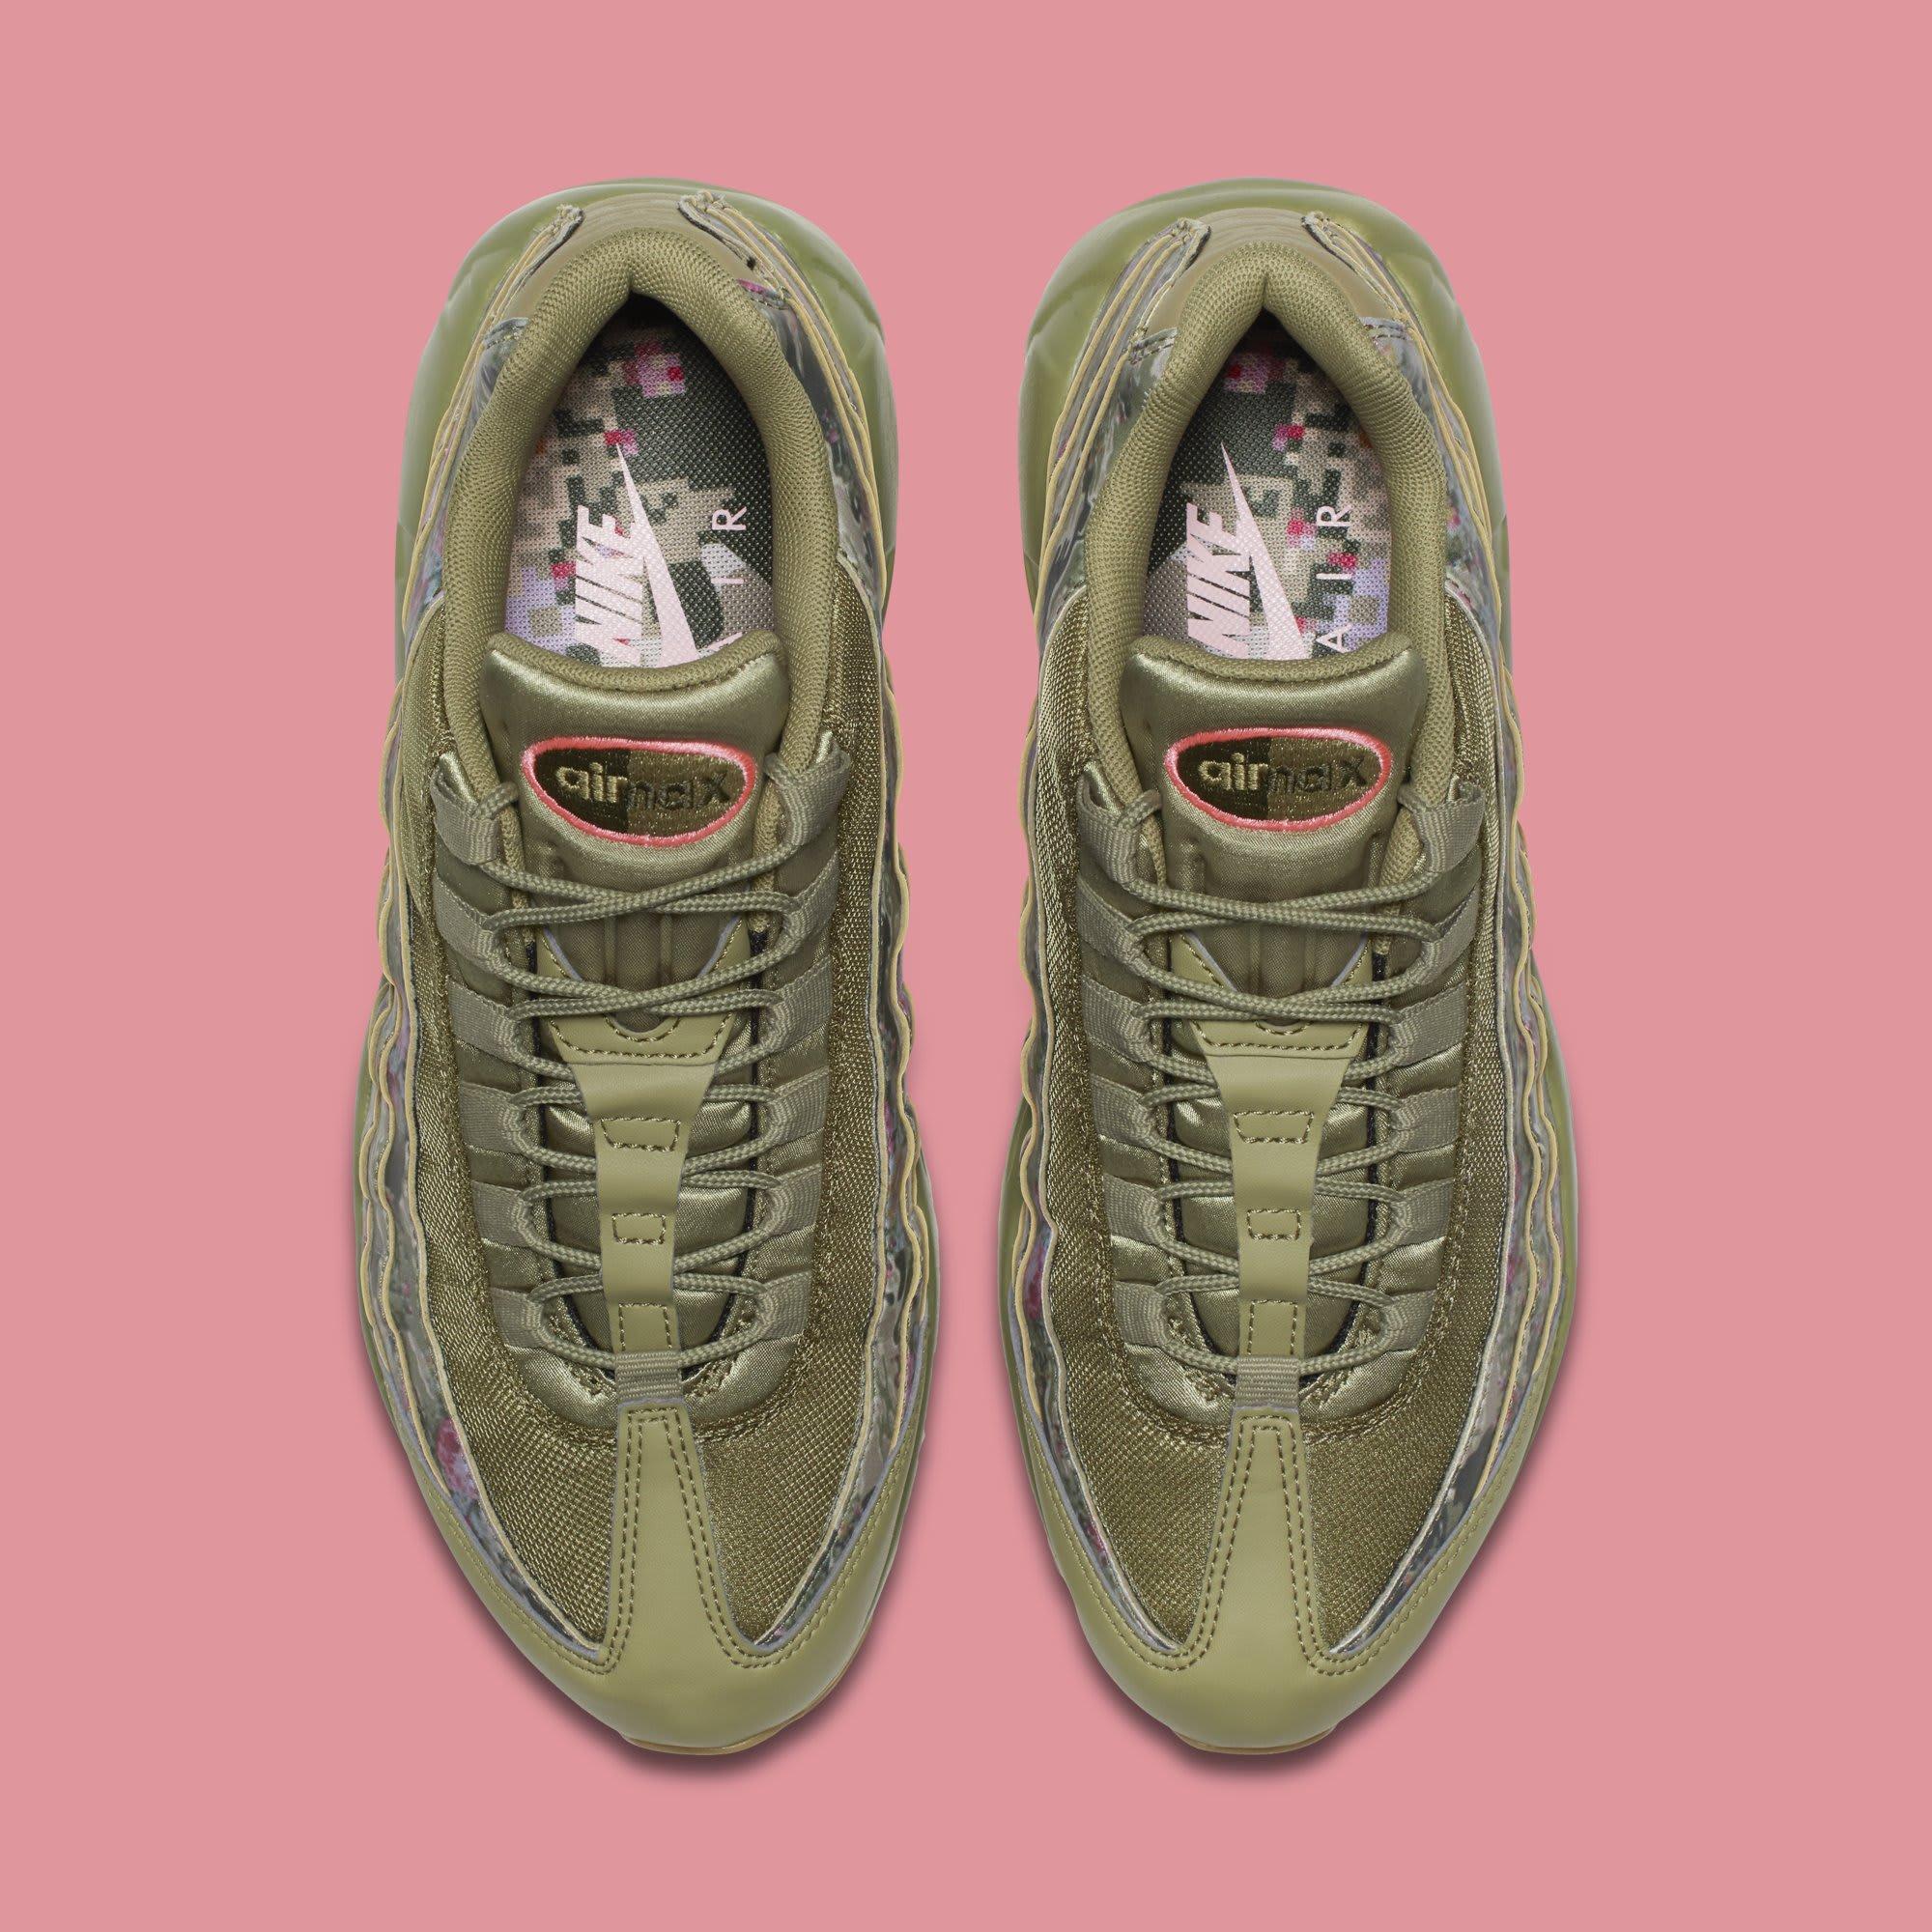 WMNS Nike Air Max 95 'Floral Camo' AQ6385-200 (Top)